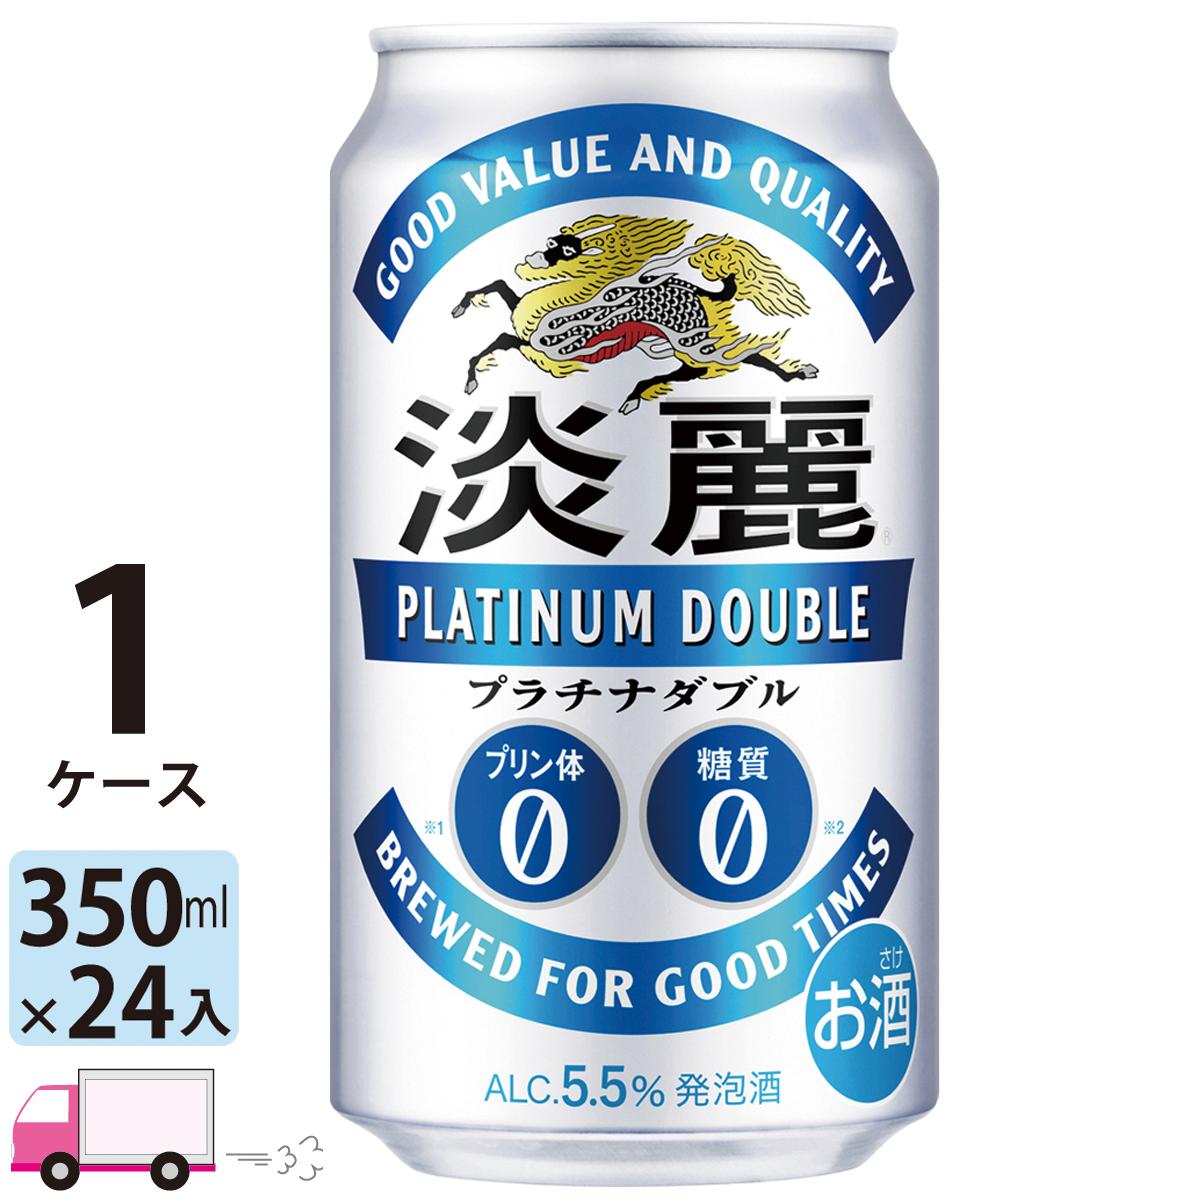 プリン体0.00、糖質0を実現しながら本格的なうまさと爽快なキレを両立。 送料無料 キリン ビール 淡麗 プラチナダブル 350ml ×24缶入 1ケース (24本)